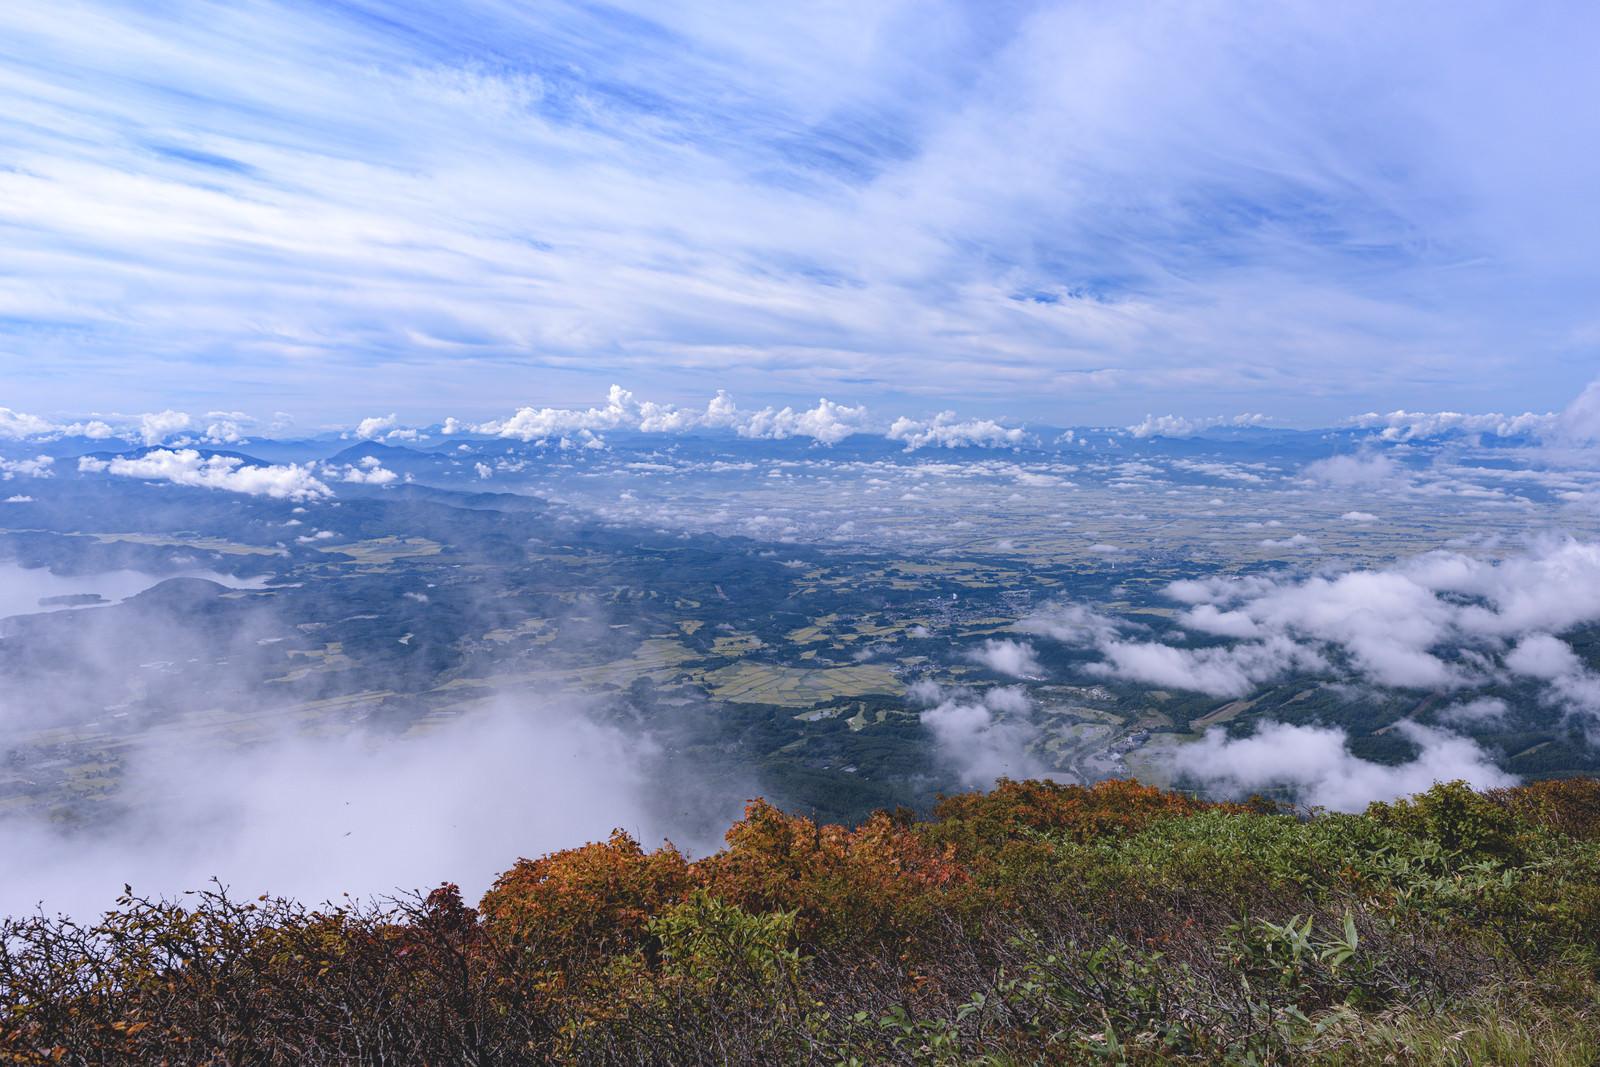 「磐梯山から眺める会津若松の街と飯豊山(いいでさん)」の写真